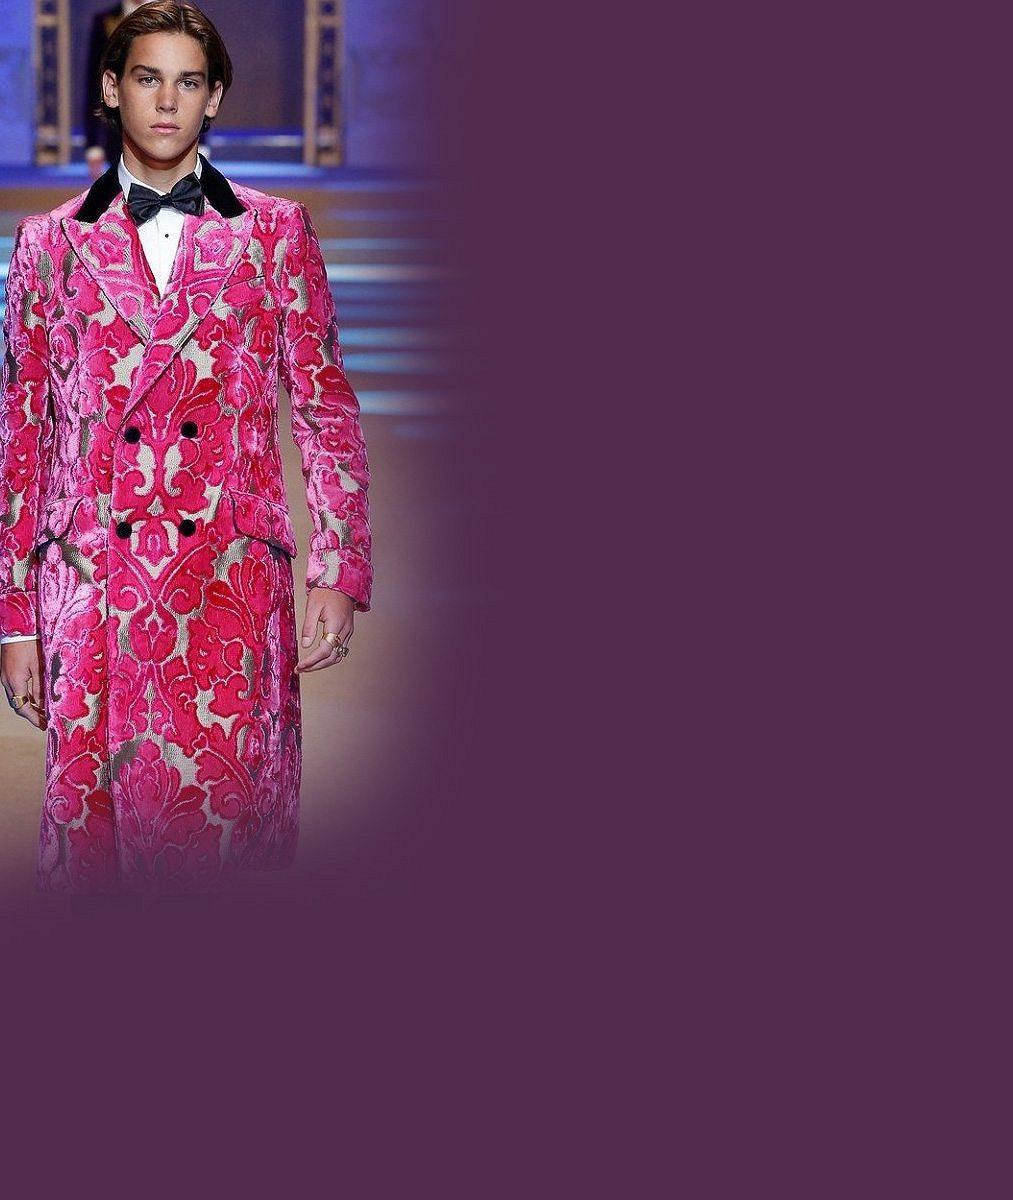 Další James Bond z něj nebude: Šestnáctiletý syn Pierce Brosnana raději chodí po molu v růžovém kabátě